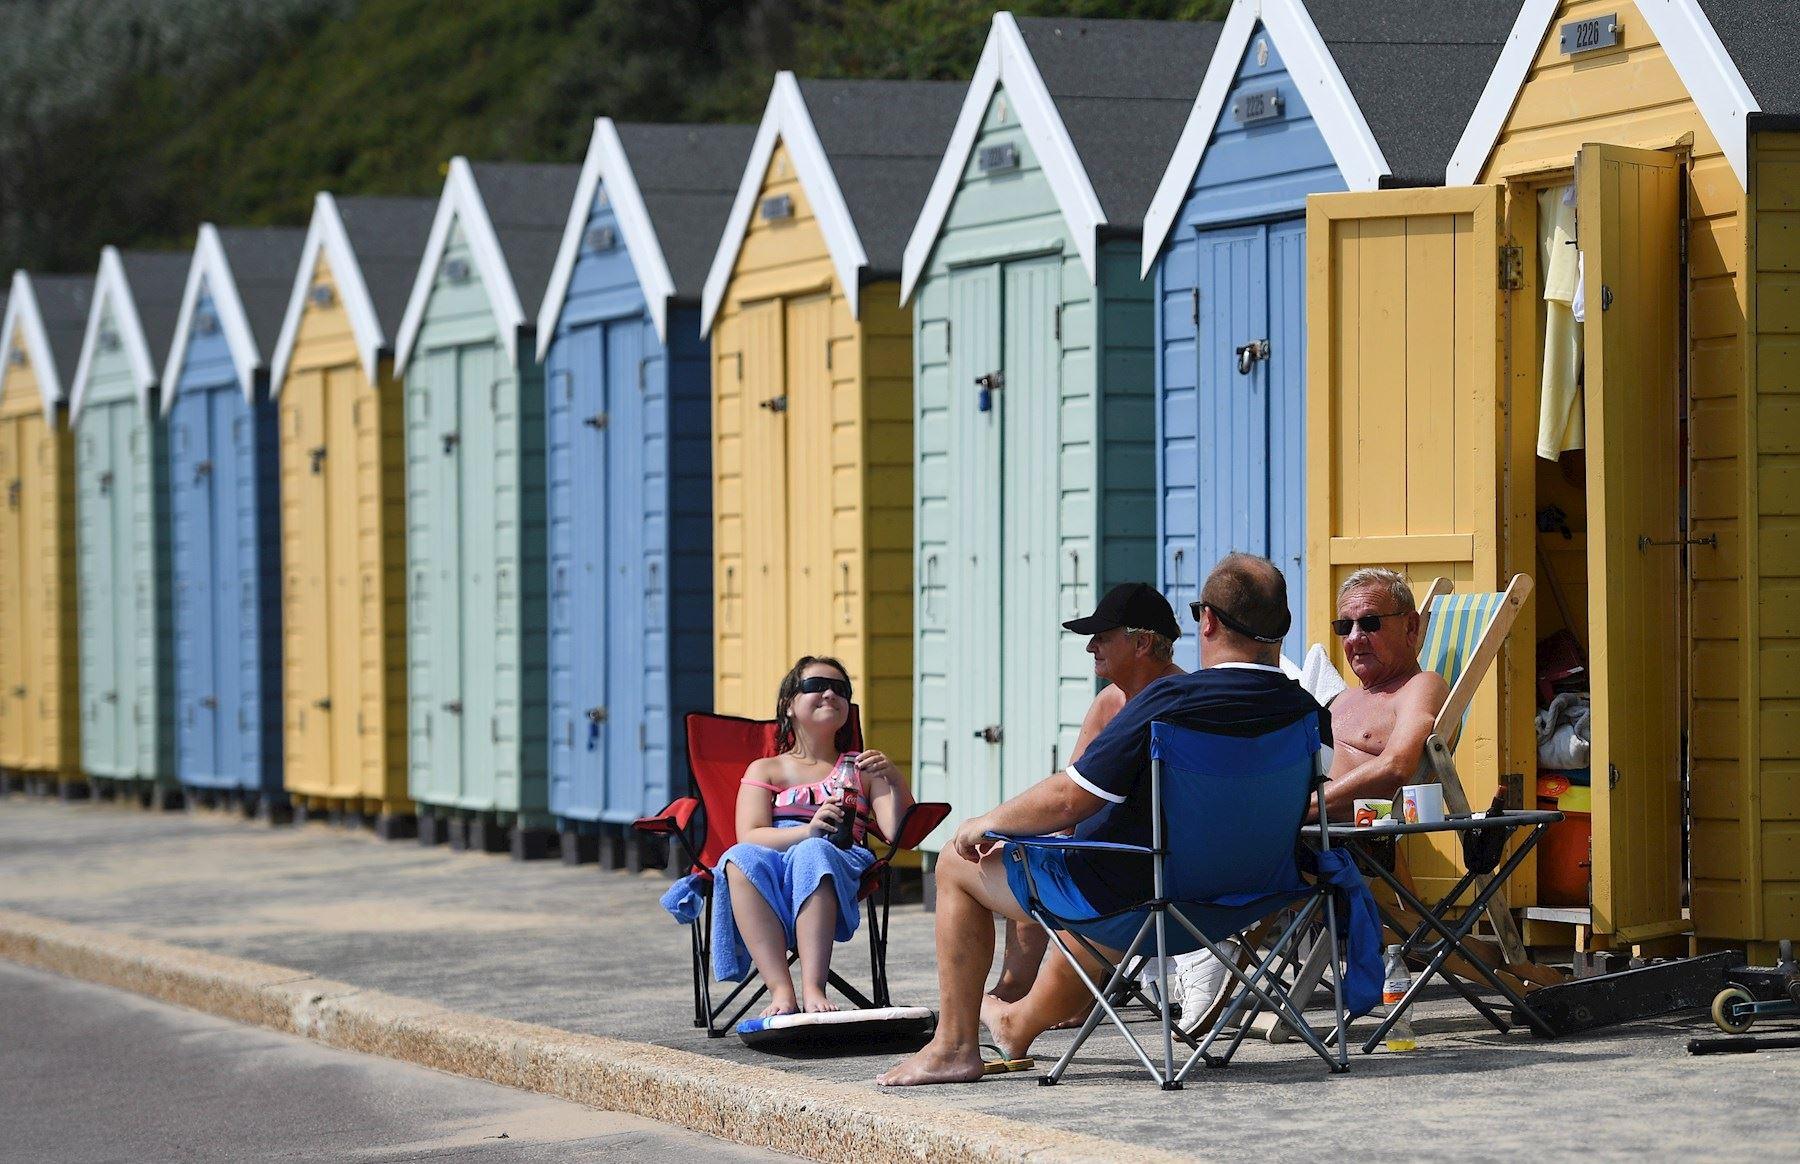 Amantes de la playa toman el sol en Bournemouth, Gran Bretaña. Se espera que las temperaturas alcancen los 35 ° C en Gran Bretaña hoy. Muchos británicos eligen vacaciones en el extranjero durante la pandemia de coronavirus. Sin embargo, los ayuntamientos temen un aumento en las infecciones por coronavirus debido a la gran cantidad de visitantes a los lugares de vacaciones.   Foto: EFE